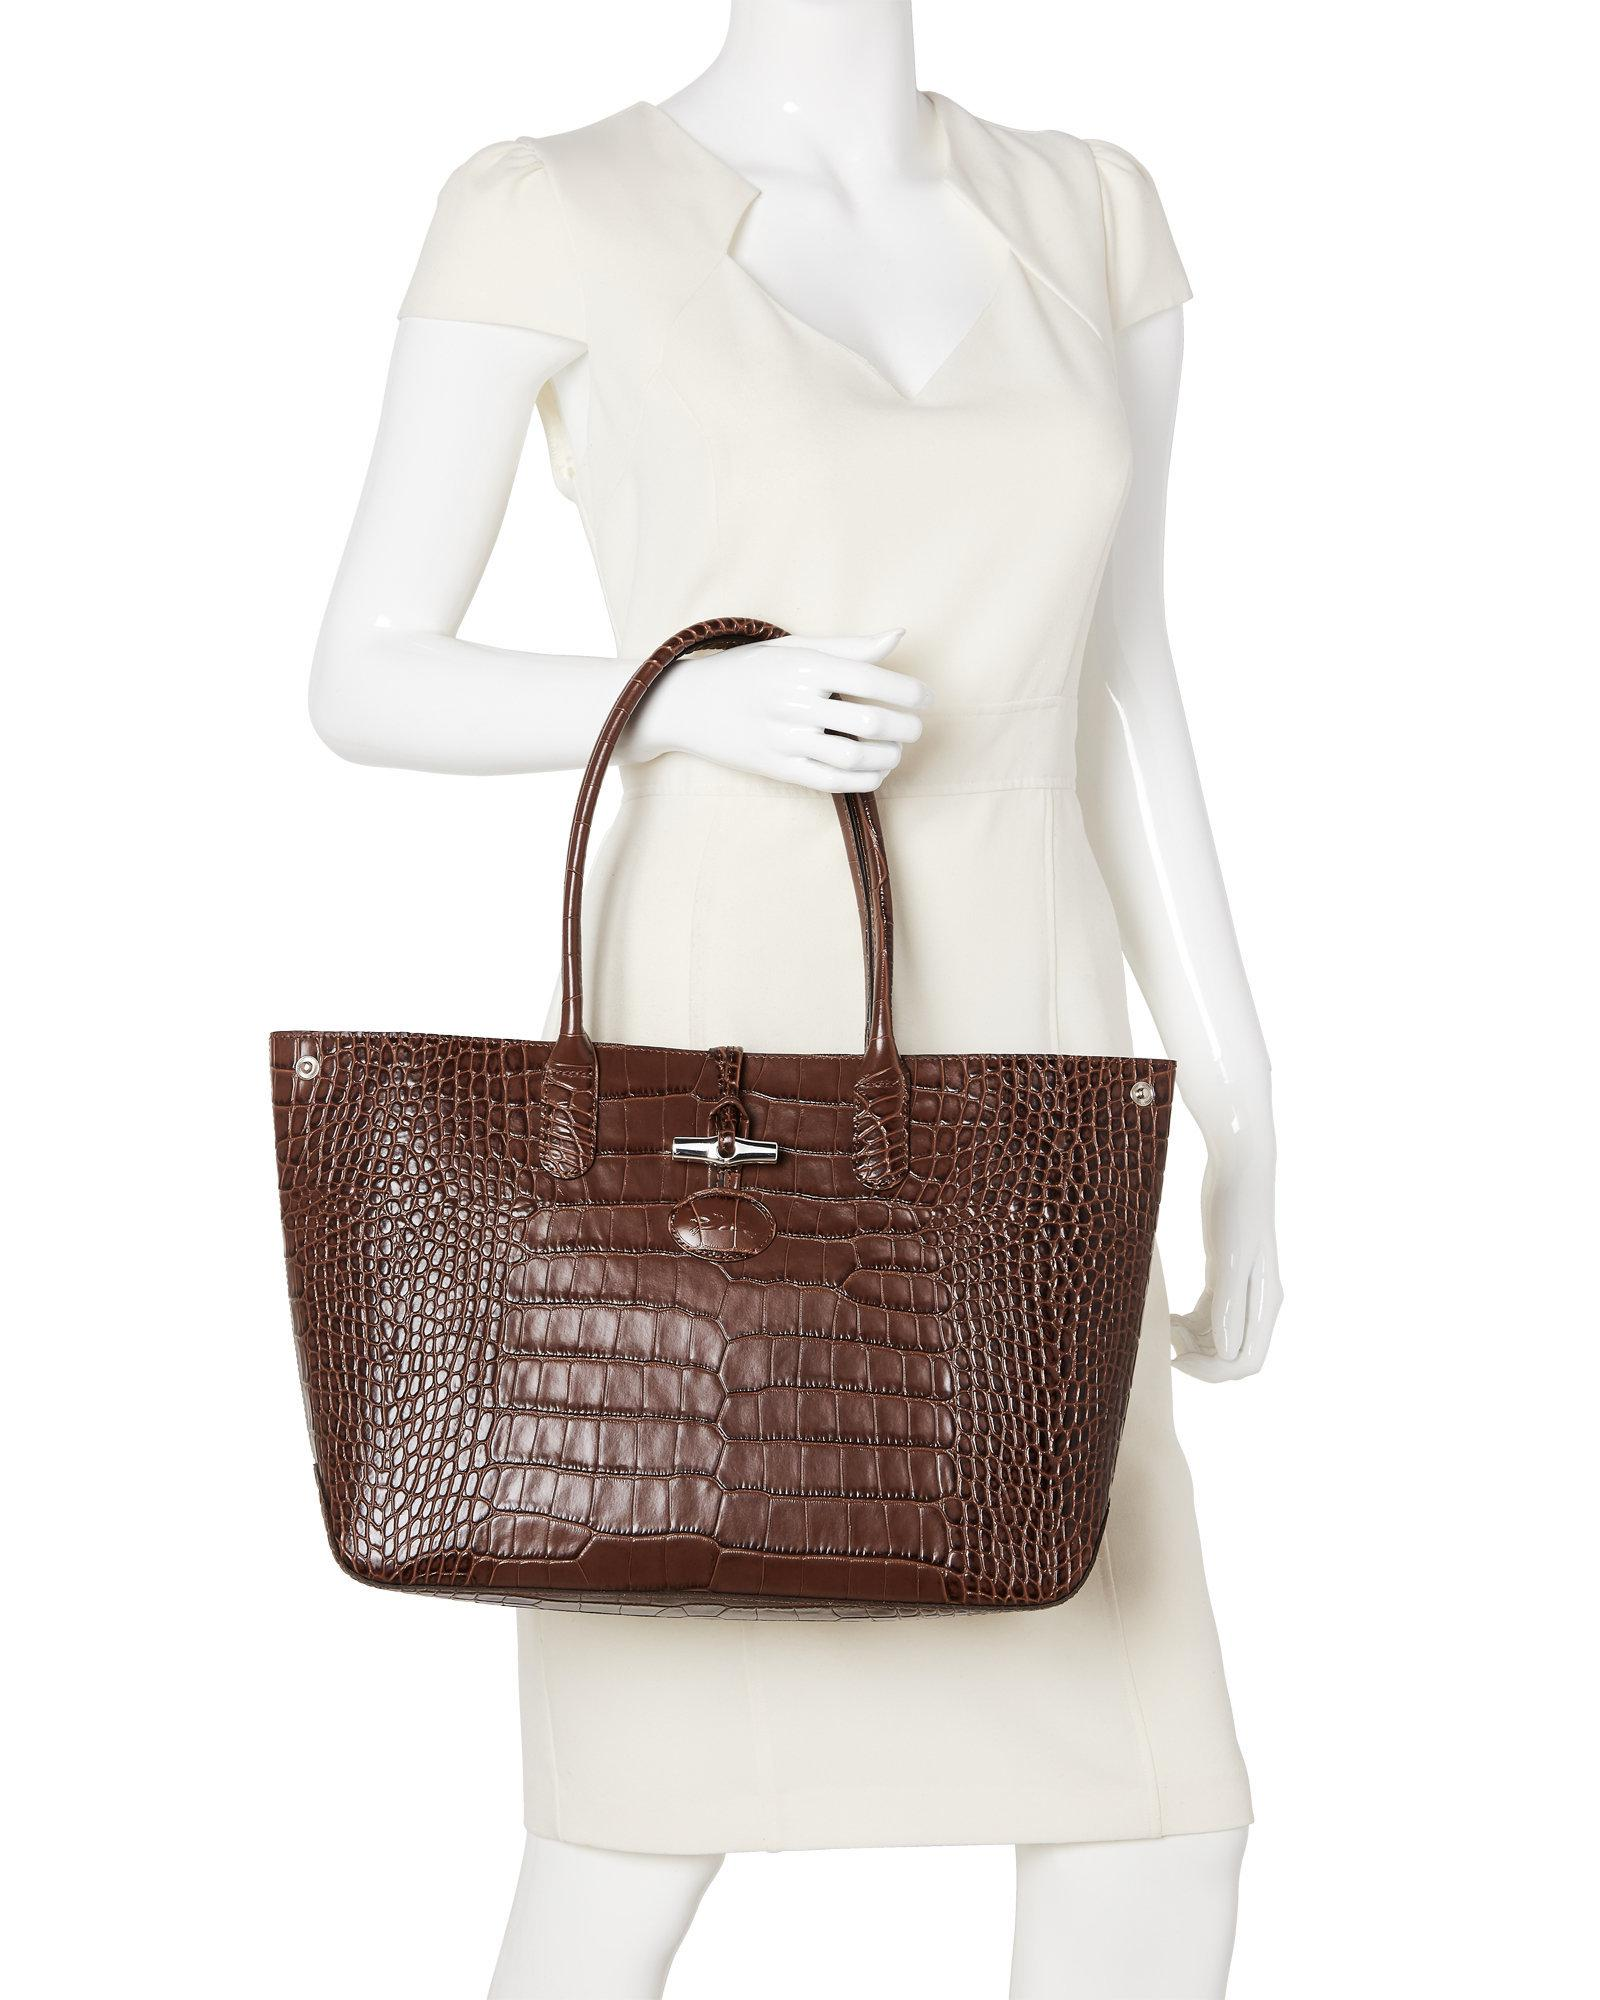 Lyst - Longchamp Brown Roseau Croc Embossed Shoulder Bag in Brown c7d2e41c8ab07